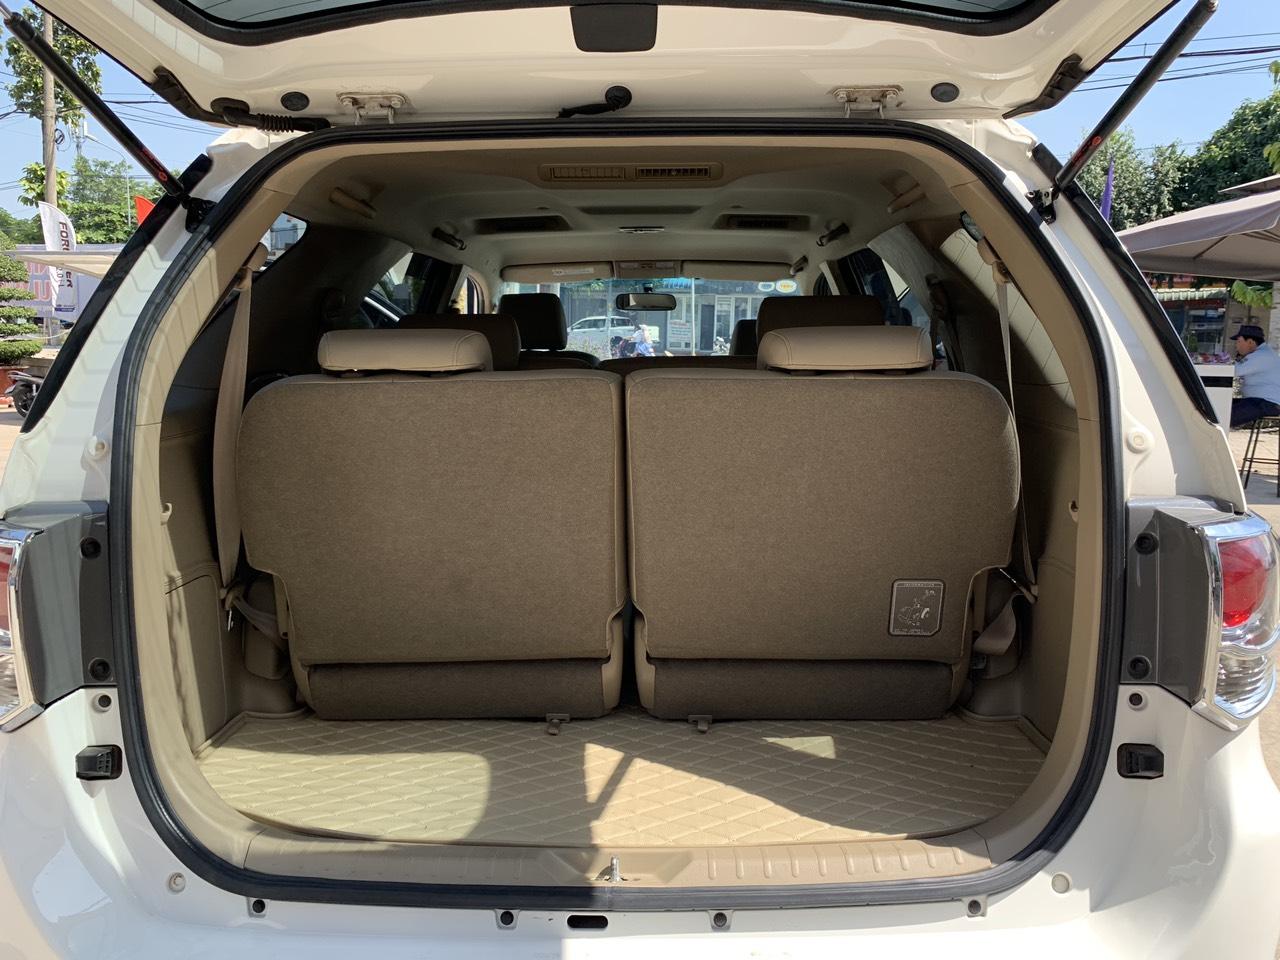 Cần bán gấp Toyota Fortuner 2.7V TRD Bản Thể Thao đời 2015, màu trắng chuẩn chỉ 35.000km